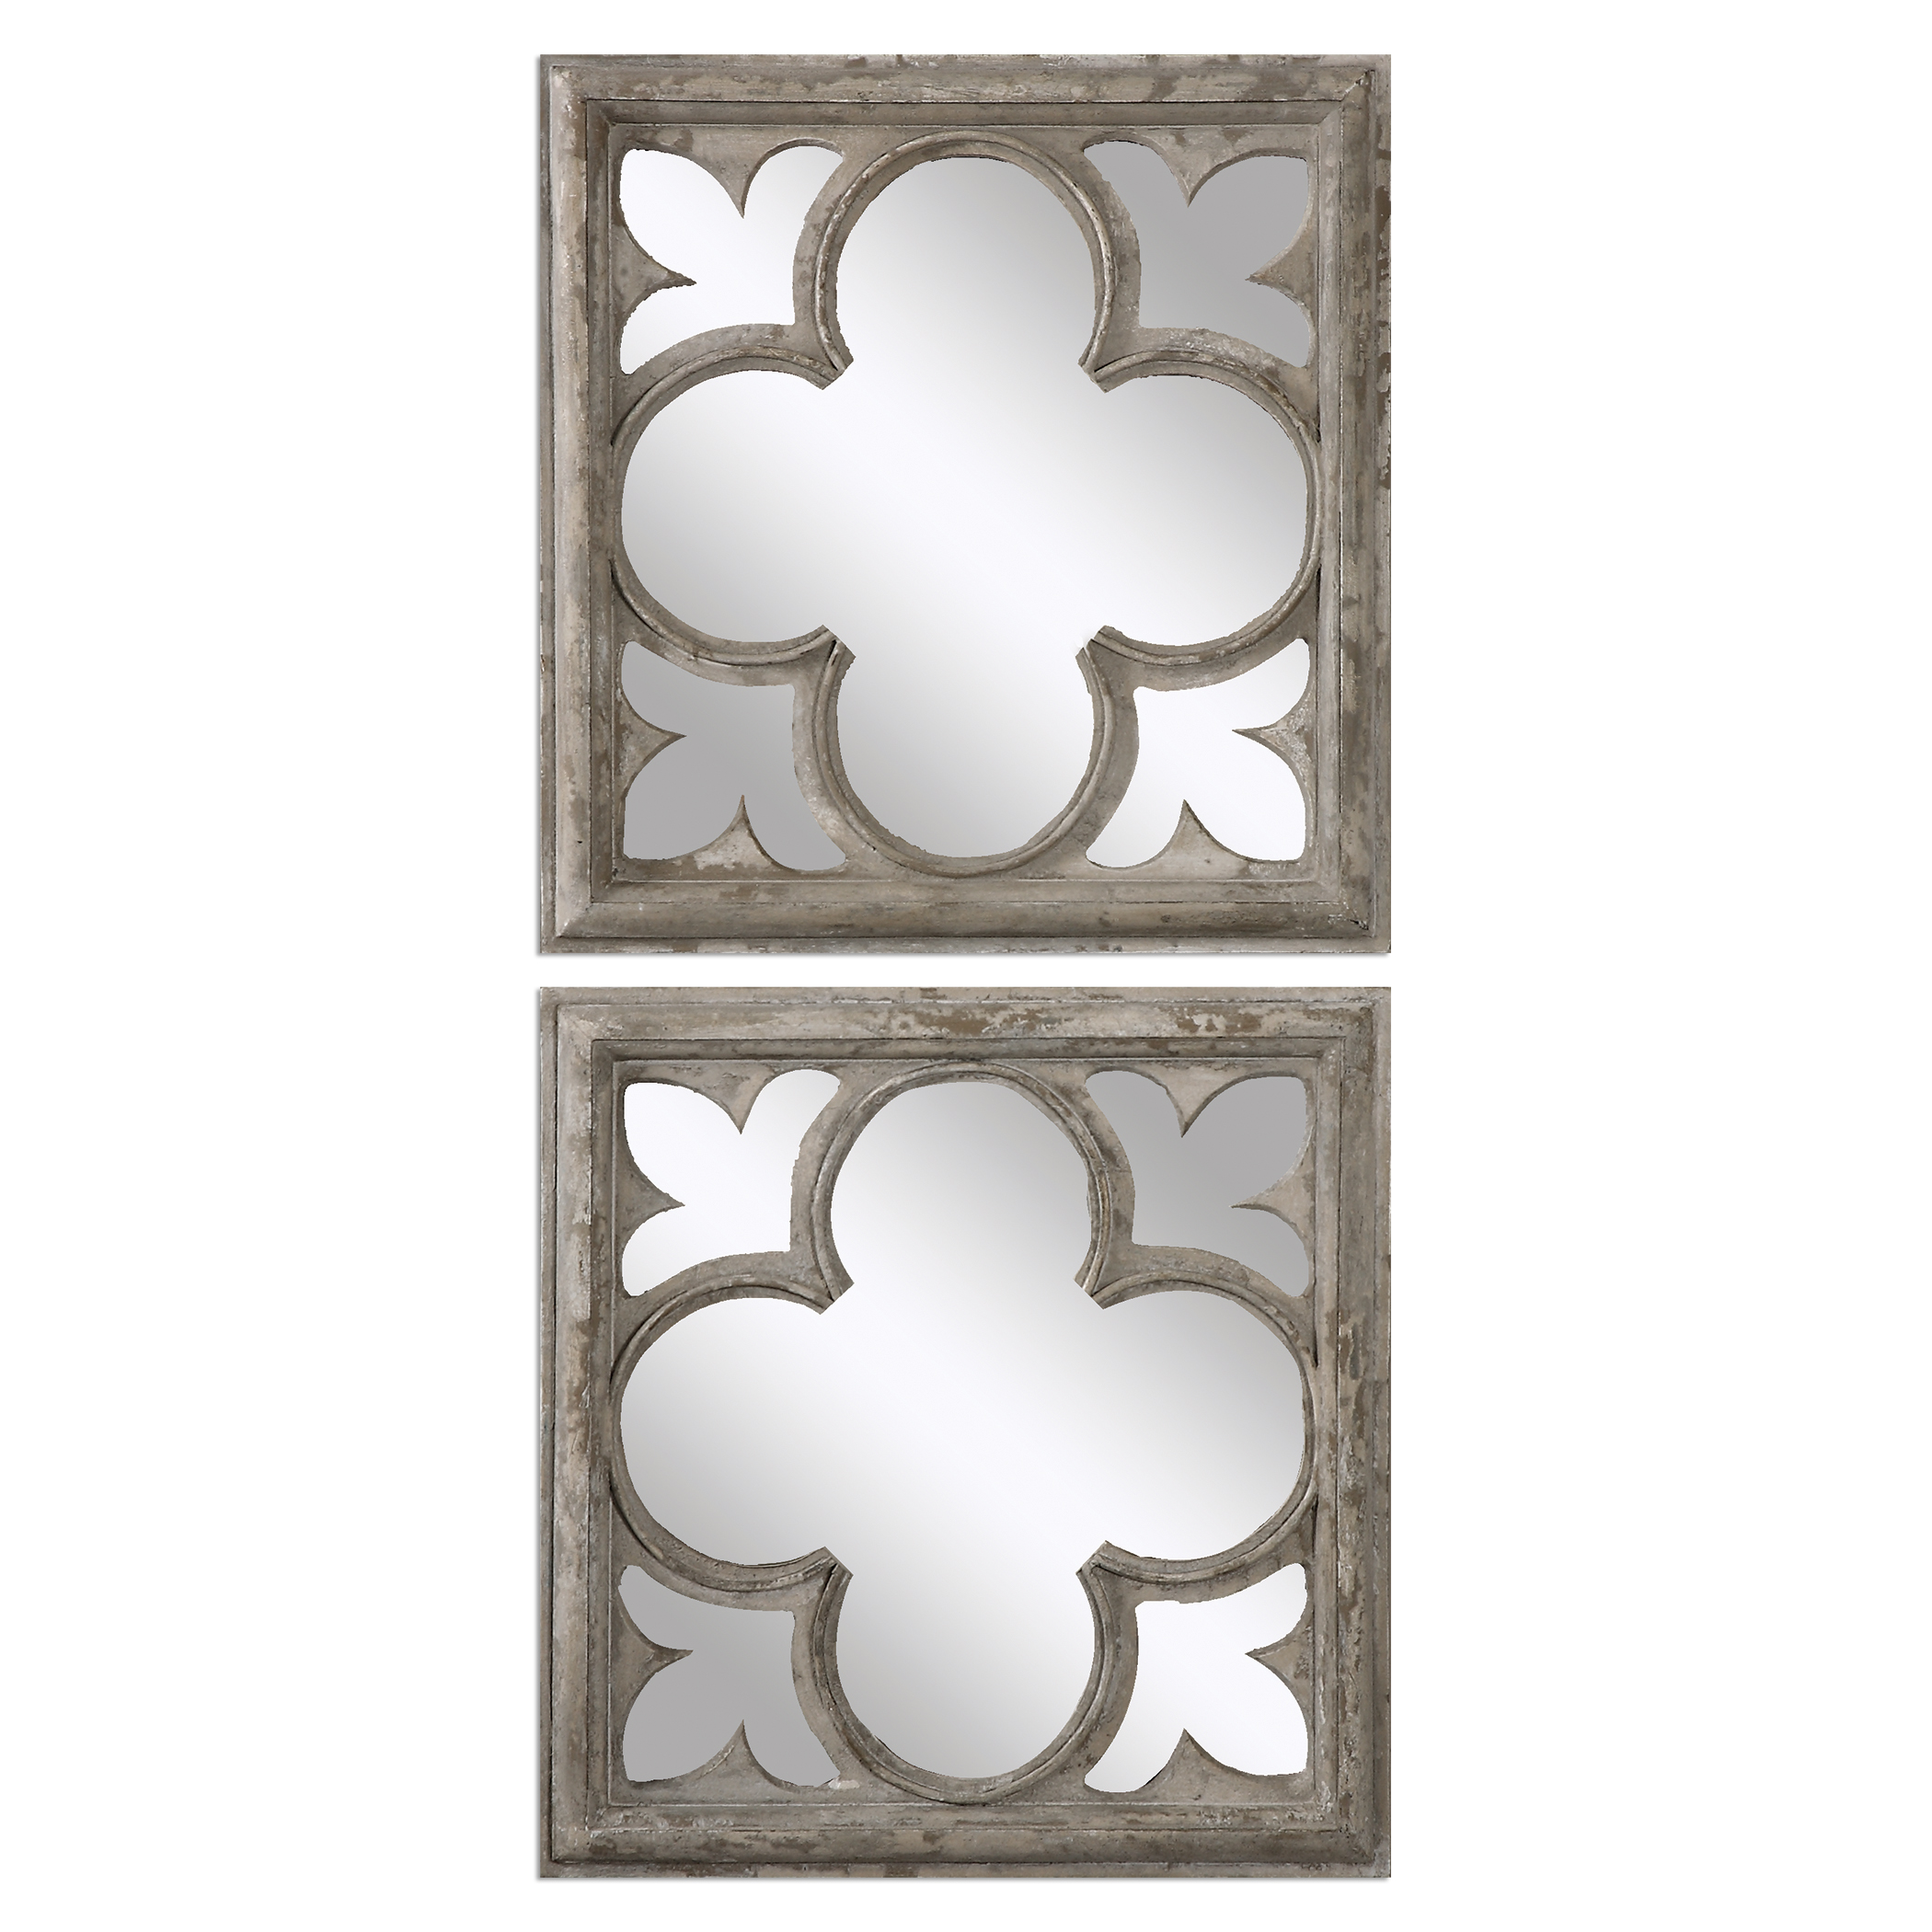 Uttermost Mirrors Vellauni Quatrefoil Mirrors S/2 - Item Number: 12935